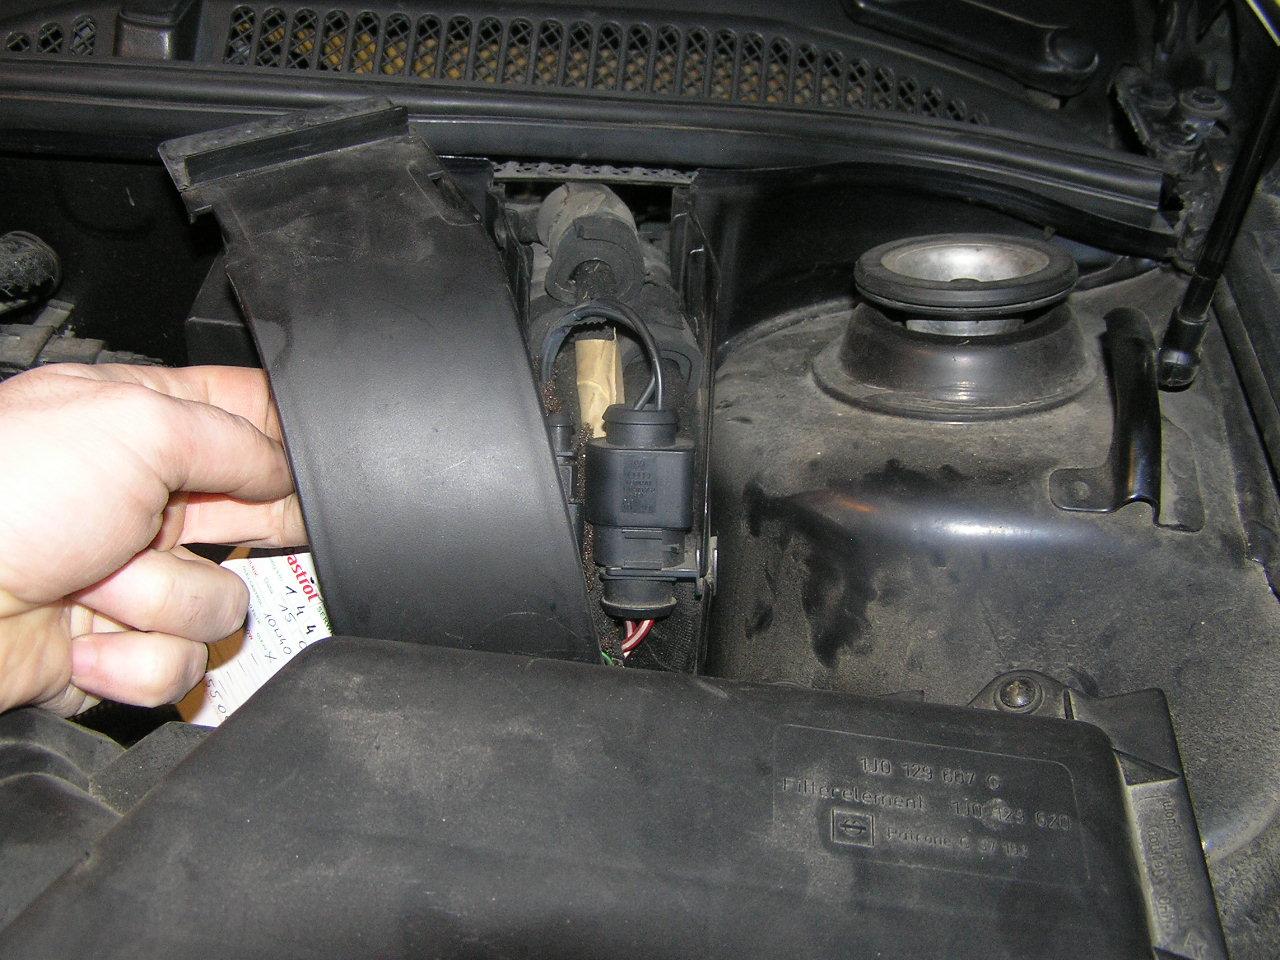 Audi A3 1,9 TDI 1998r. - Pod��czenie �wiate� do jazdy dziennej